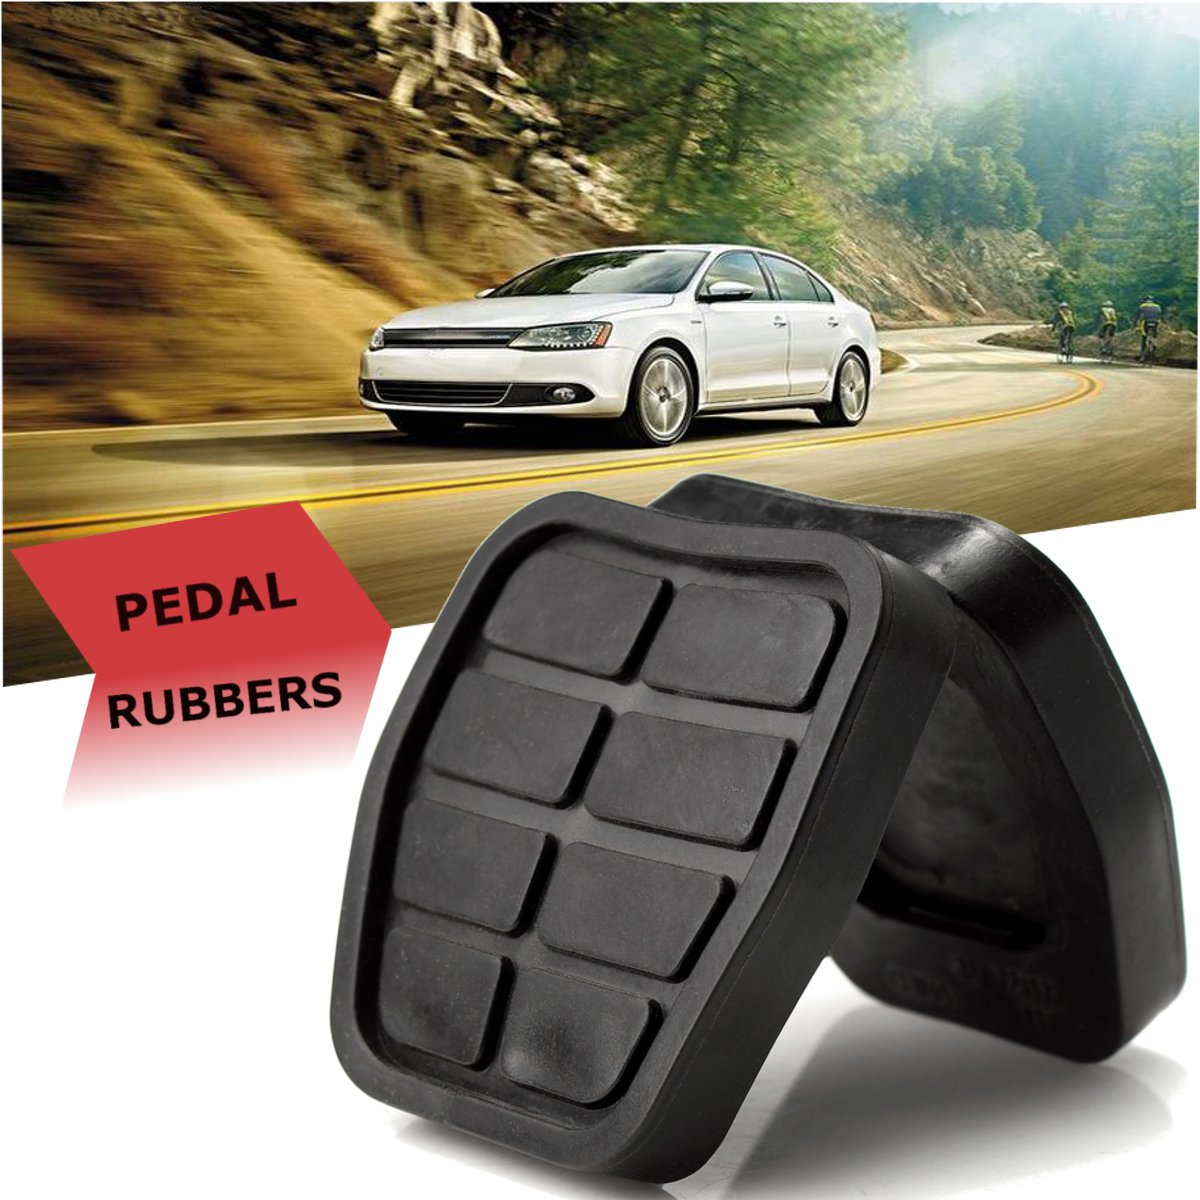 Repuesto de almohadillas de freno de goma para el pedal del acelerador del coche para VW Transporter T4 1990-2003